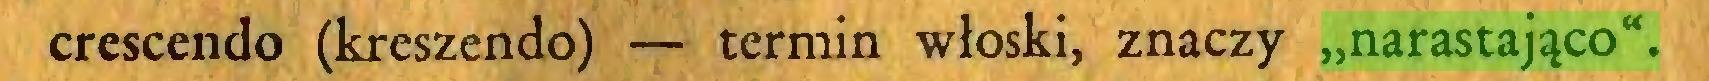 """(...) crescendo (kreszendo) — termin włoski, znaczy """"narastająco""""..."""